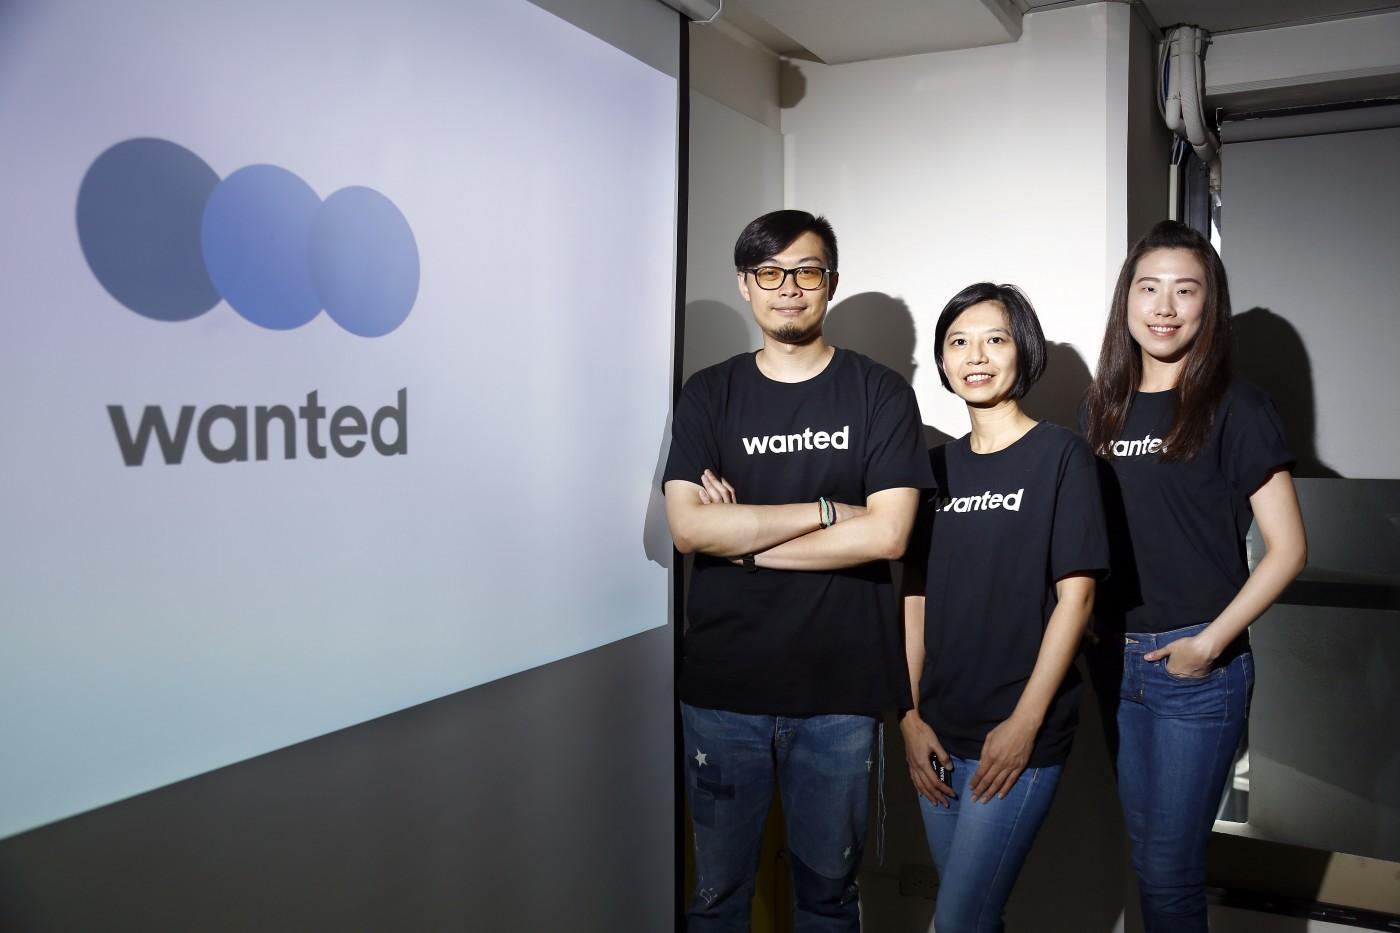 韓國人才媒合平台Wanted進軍台灣!用「推薦」機制搭起企業與求職者橋樑